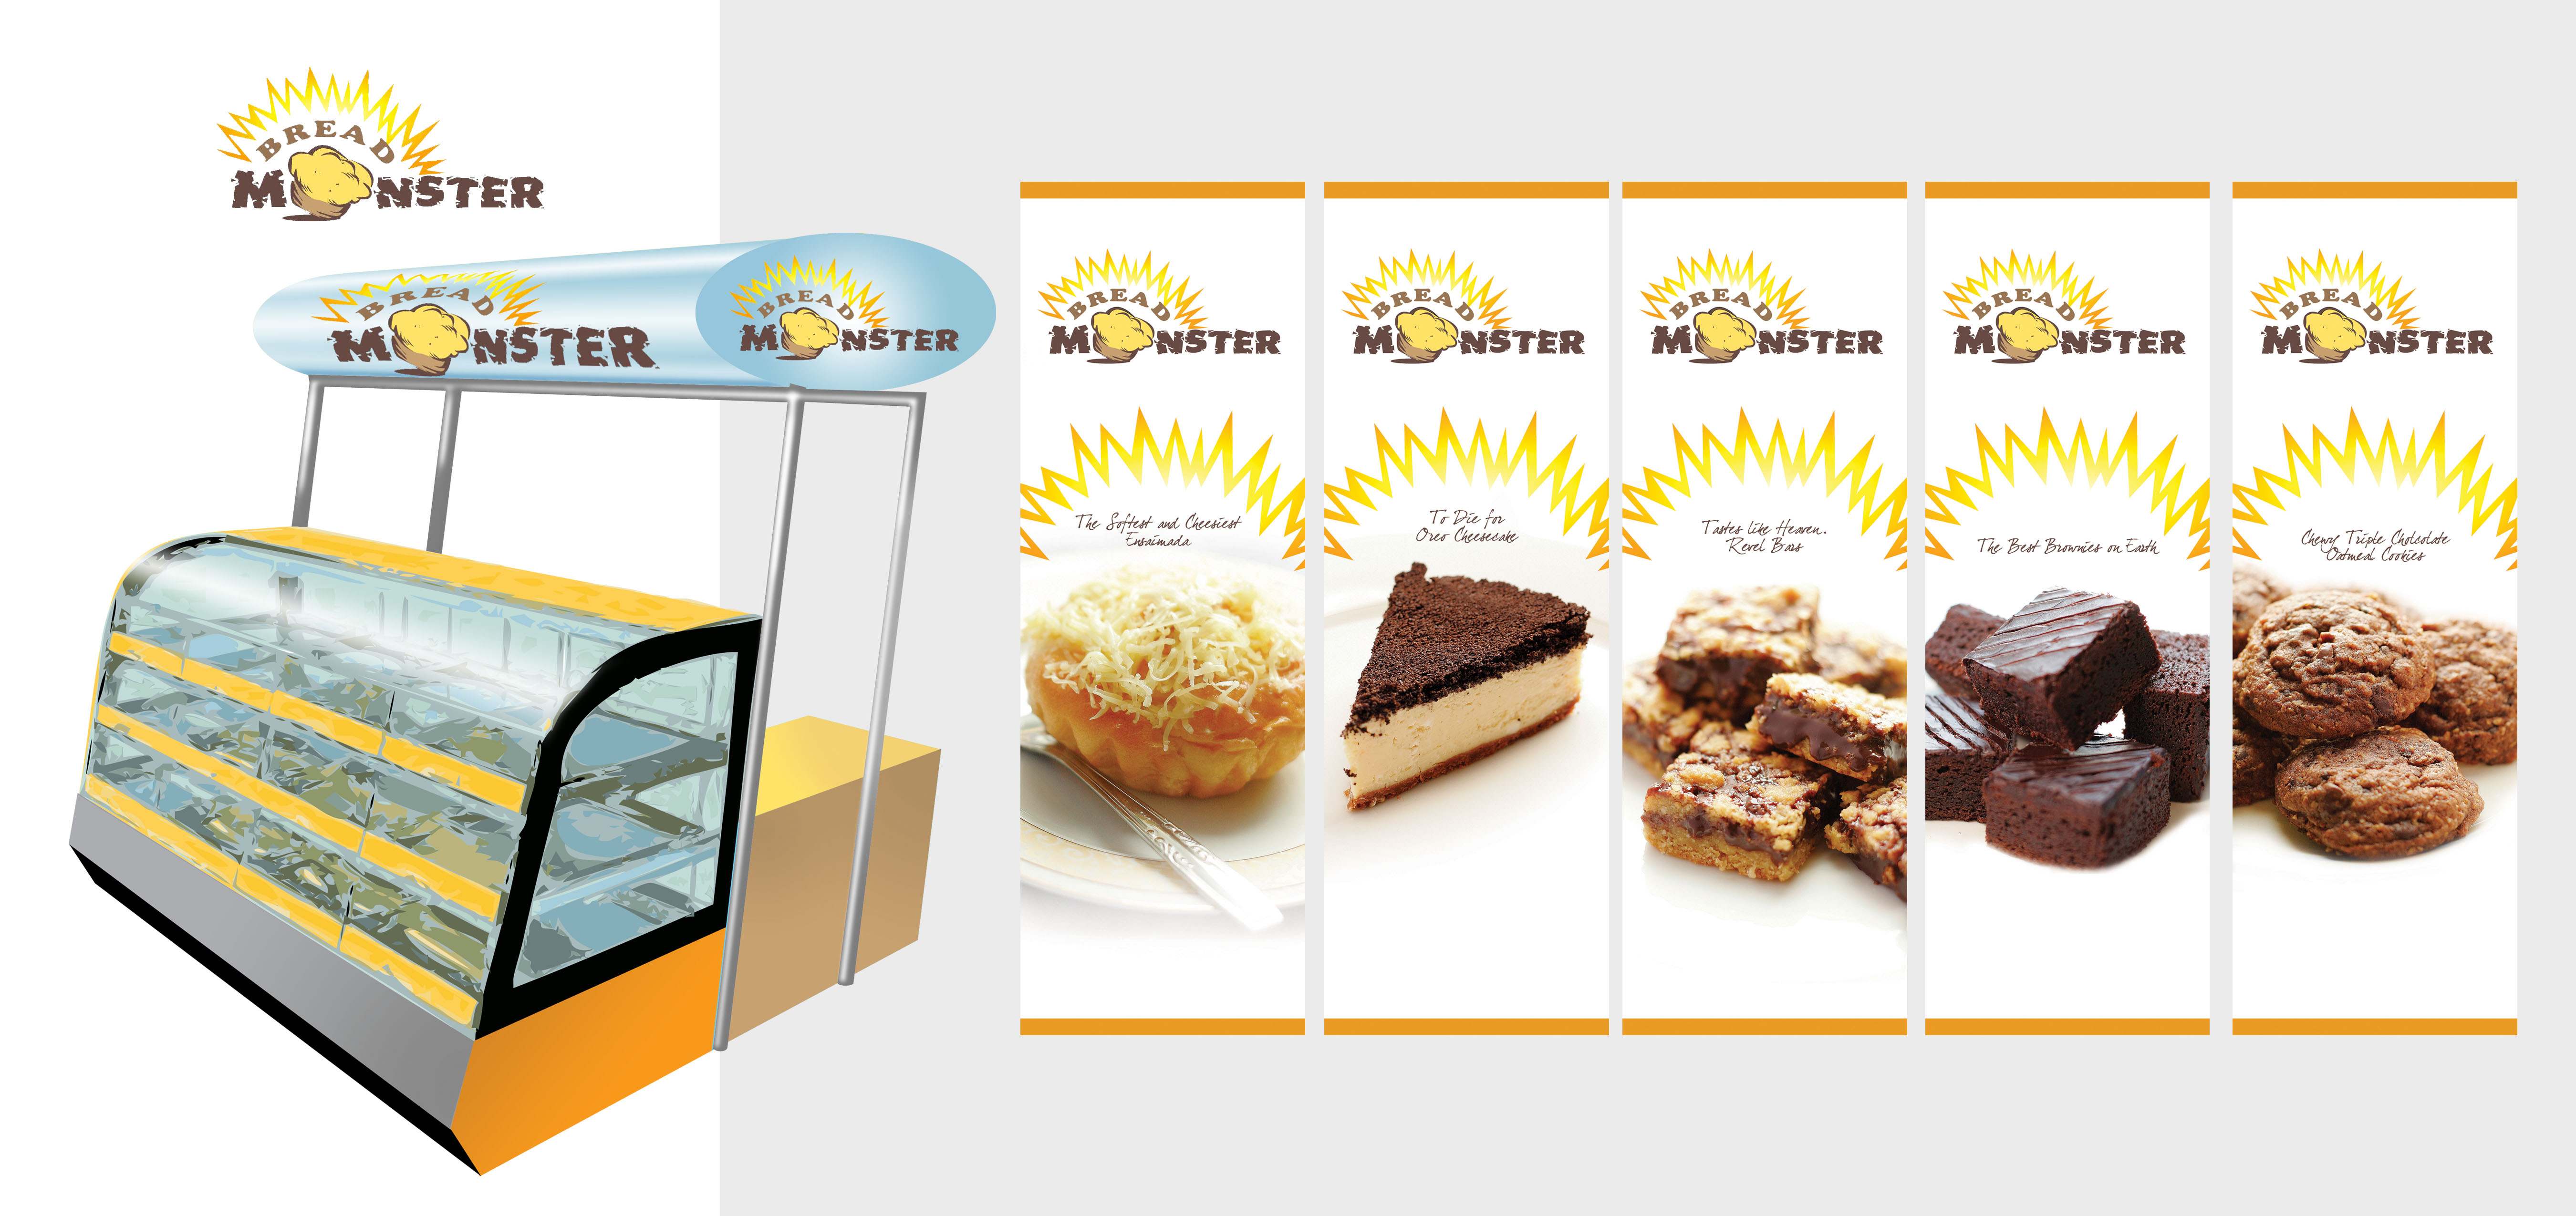 restaurant designs by xclamedia norri hernandez at com store kiosk banners menu menu board mural restaurant merchandising materials signage restaurant logo restaurant banner